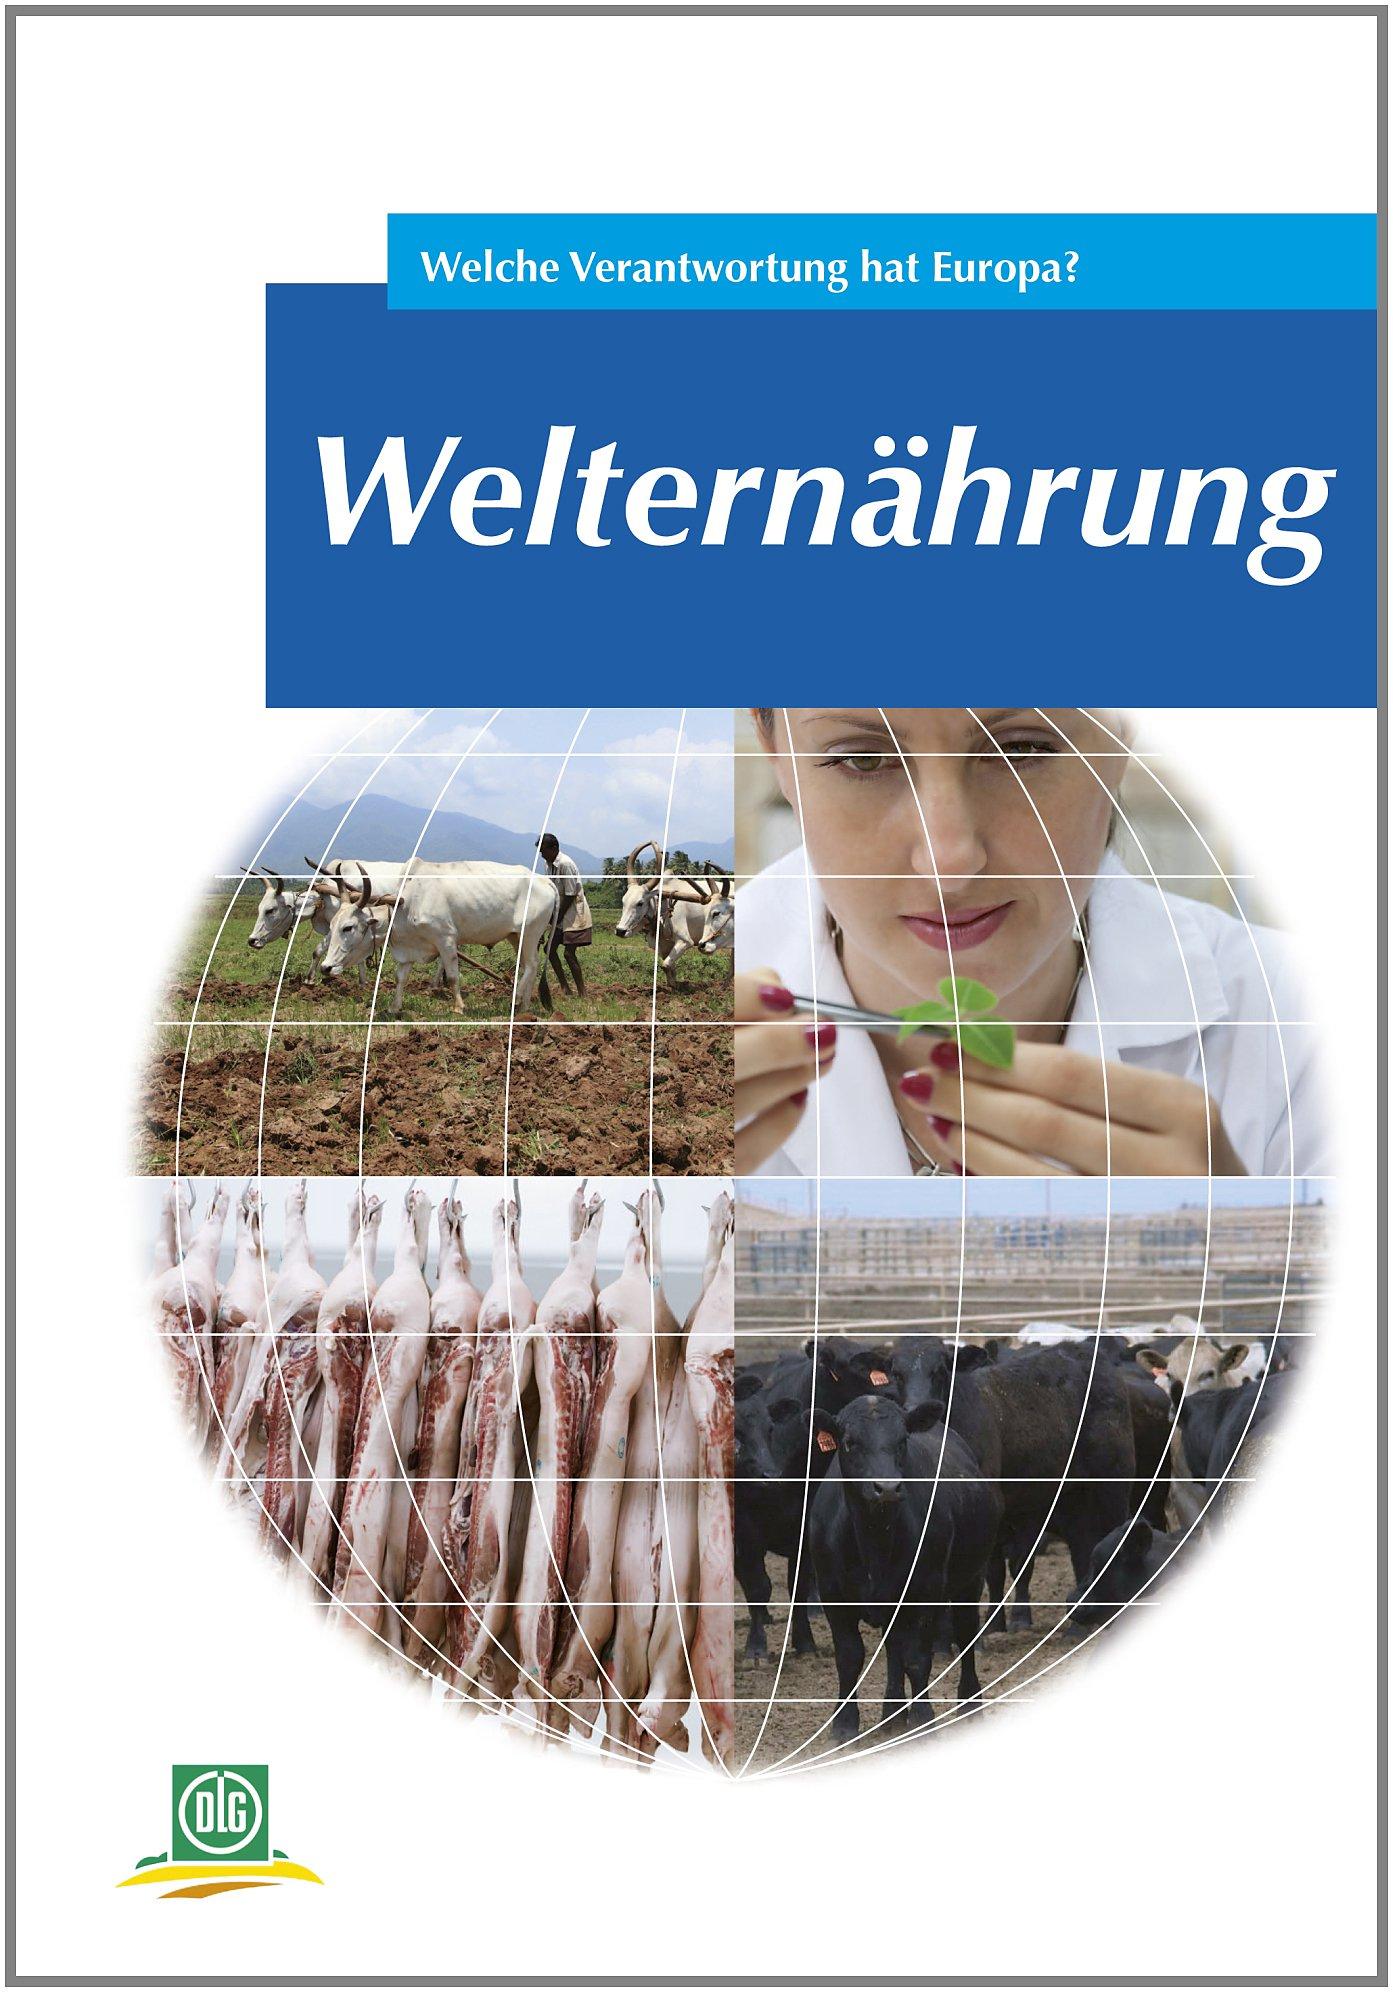 Welternährung: Welche Verantwortung hat Europa? (Archiv der DLG) Gebundenes Buch – 1. Januar 2012 DLG e. V. DLG-Verlag 3769040716 Umwelt / Landwirtschaft